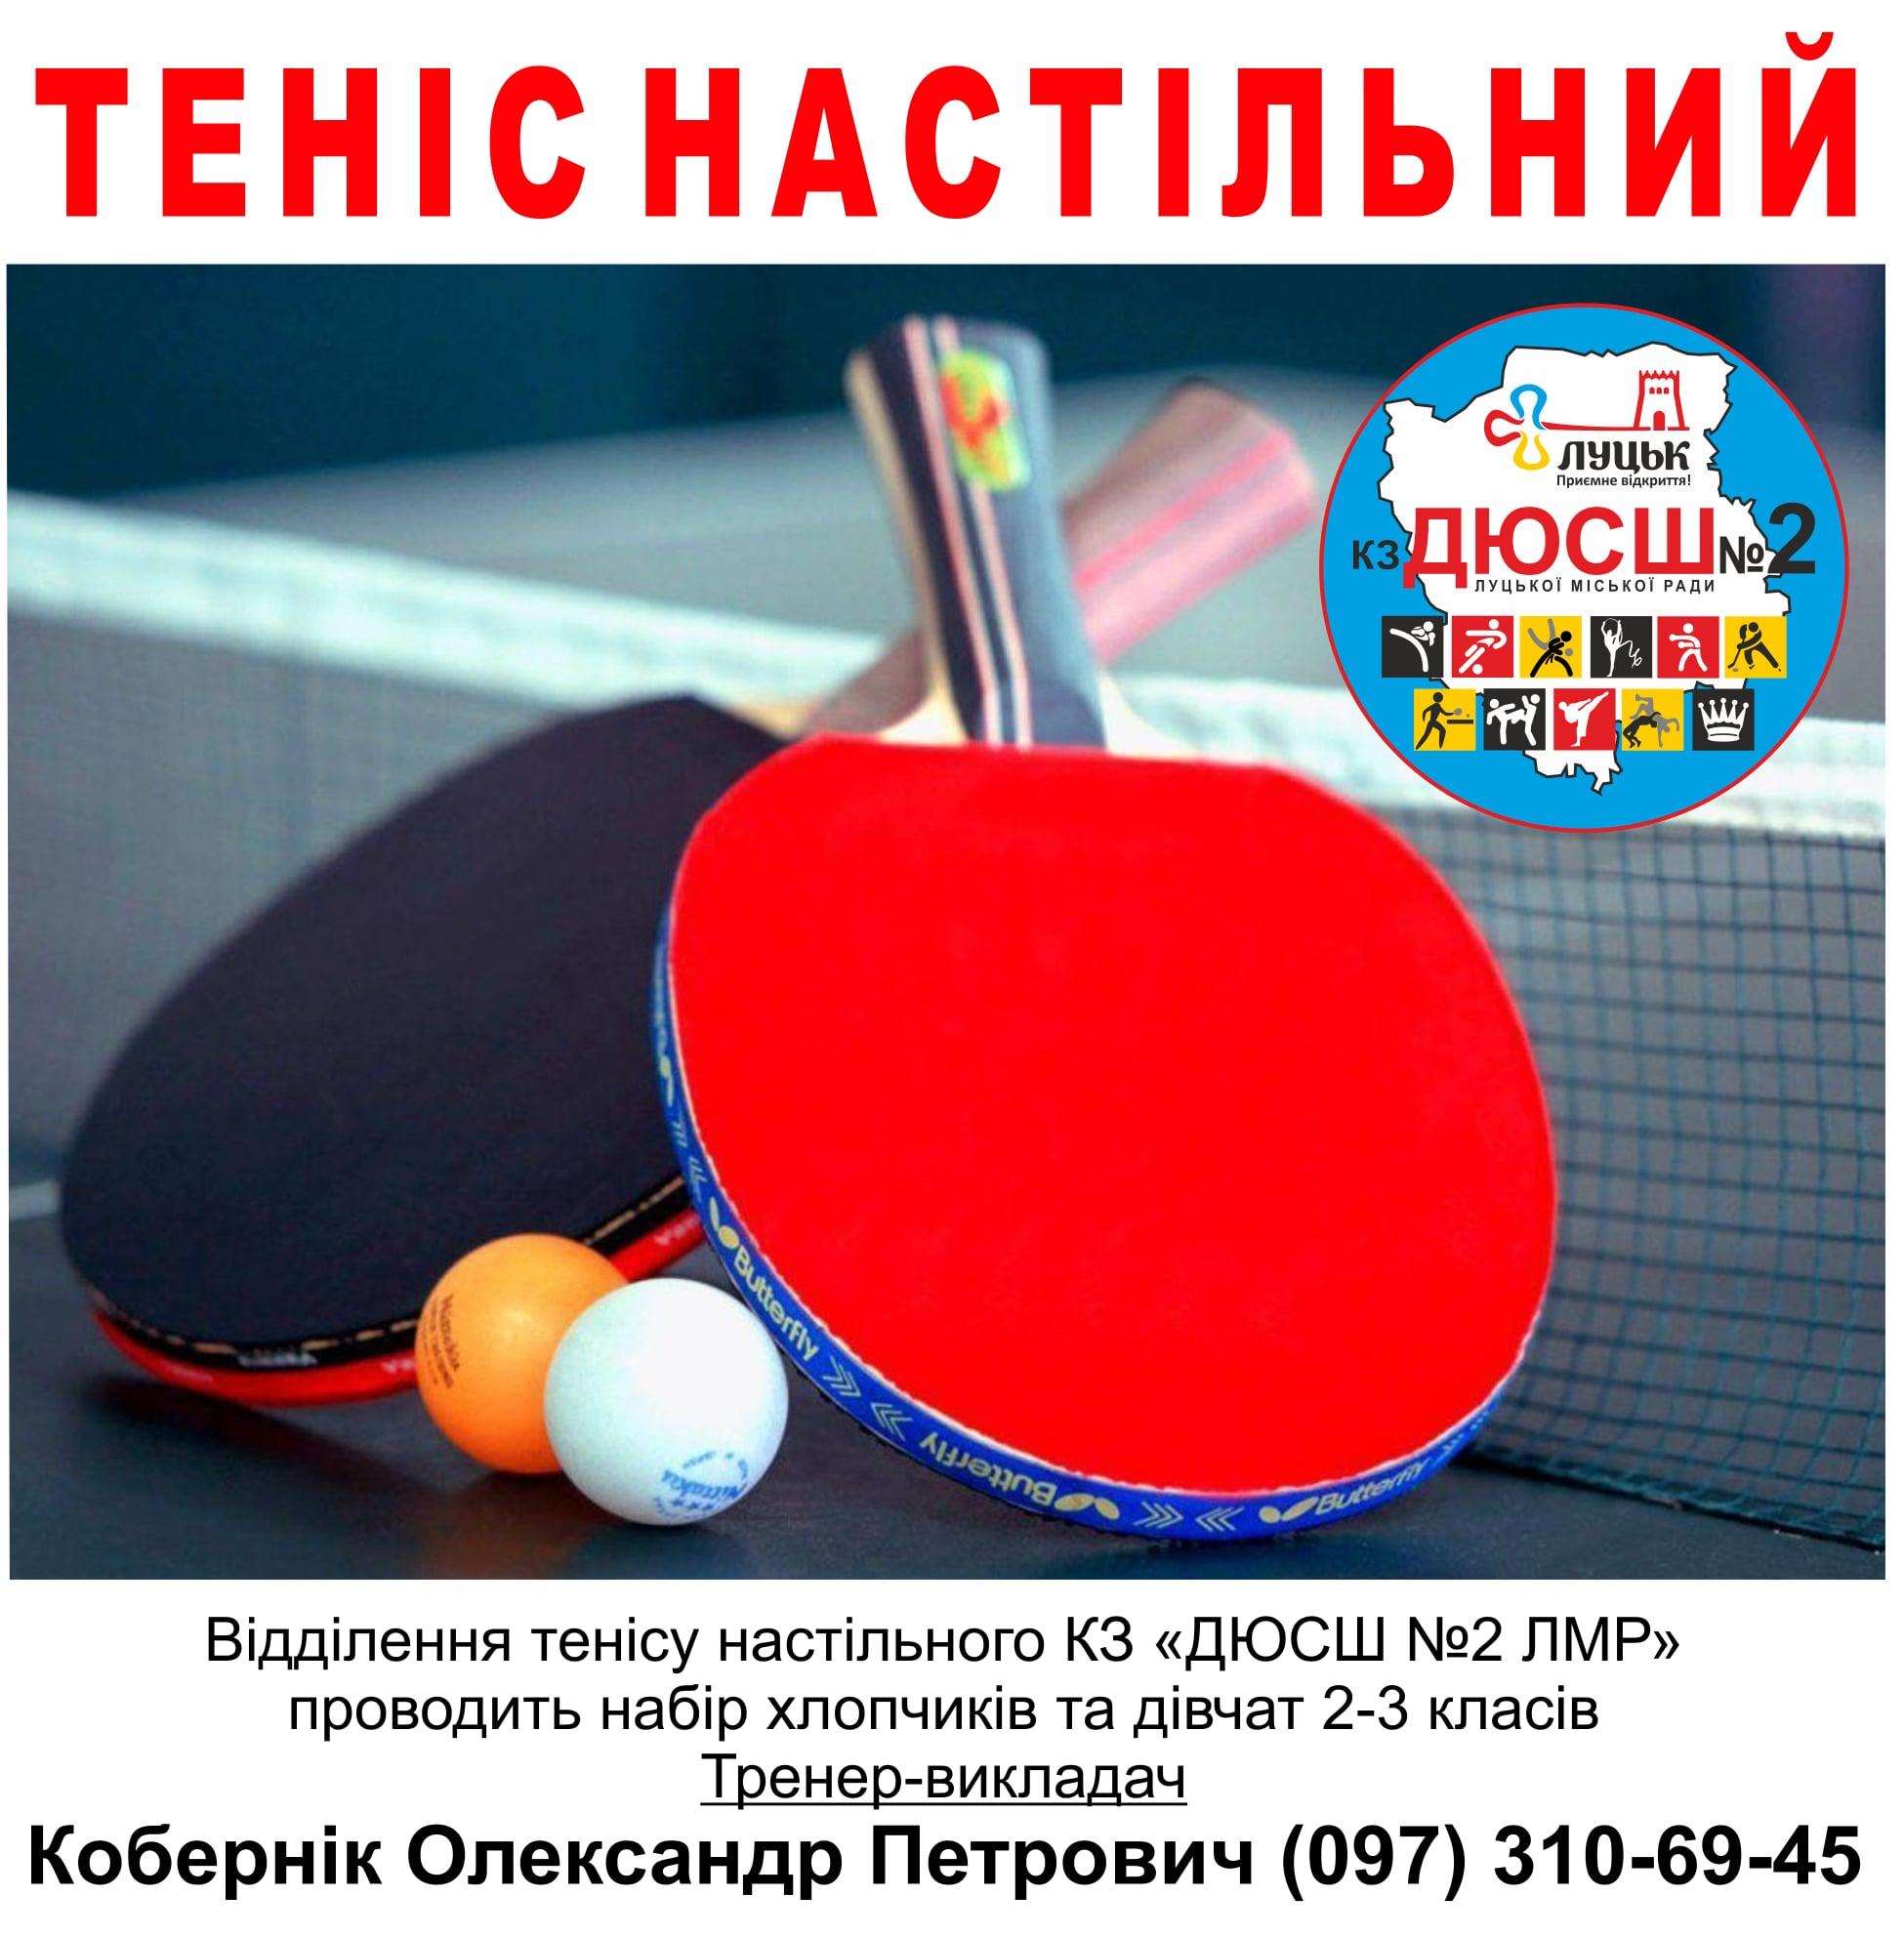 Набір на відділення тенісу настільного